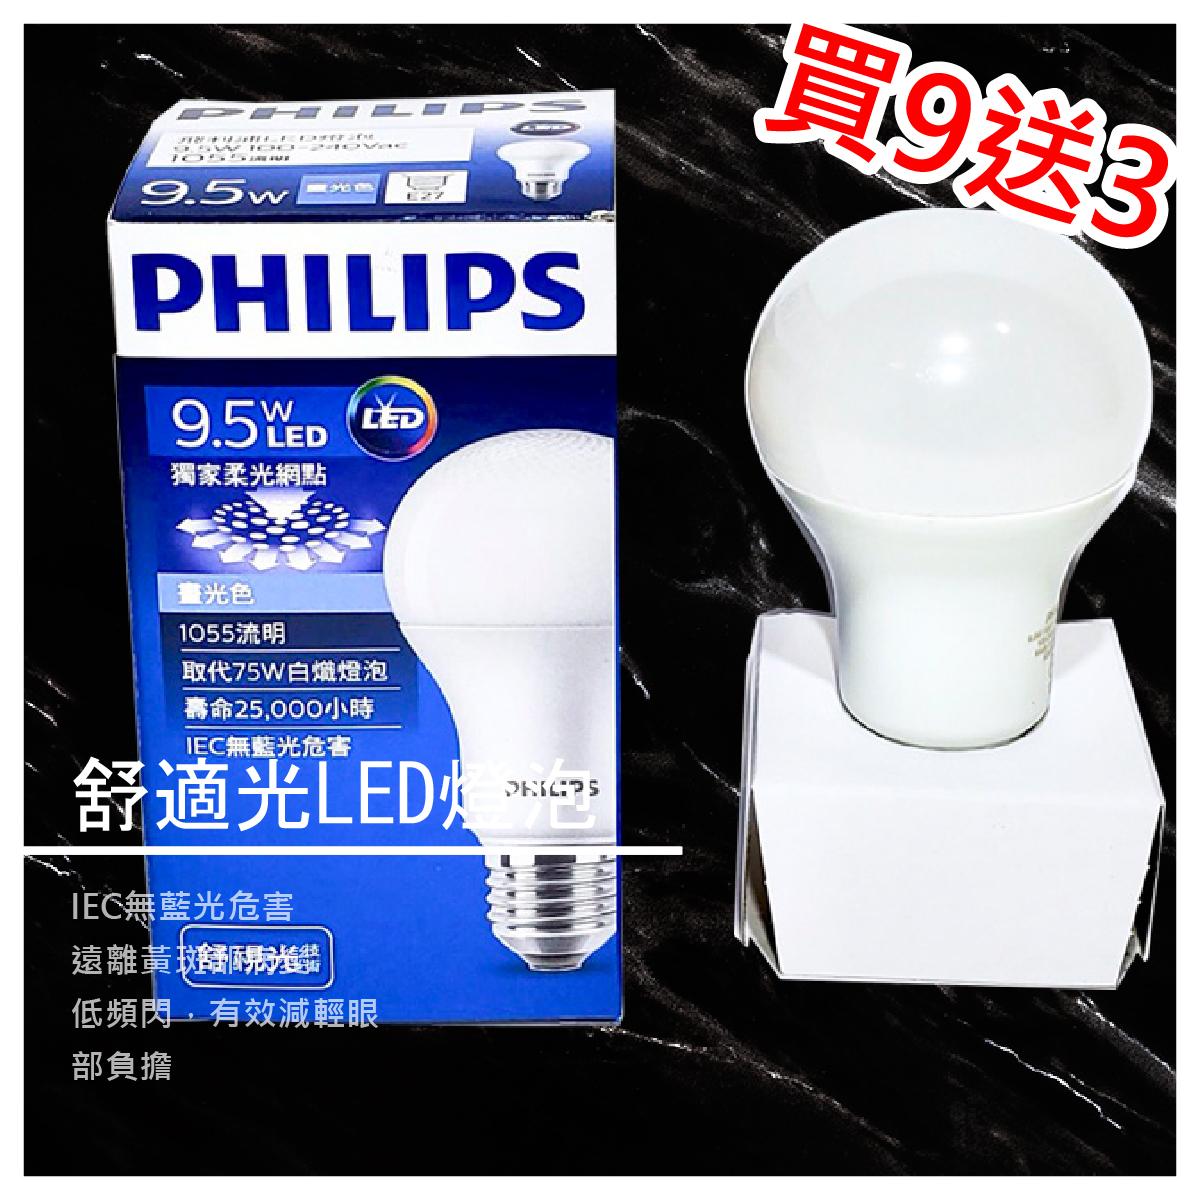 【明耀衛浴廚具精品】飛利浦舒適光LED燈泡 9.5W 燈泡系列任選買9送3優惠中~